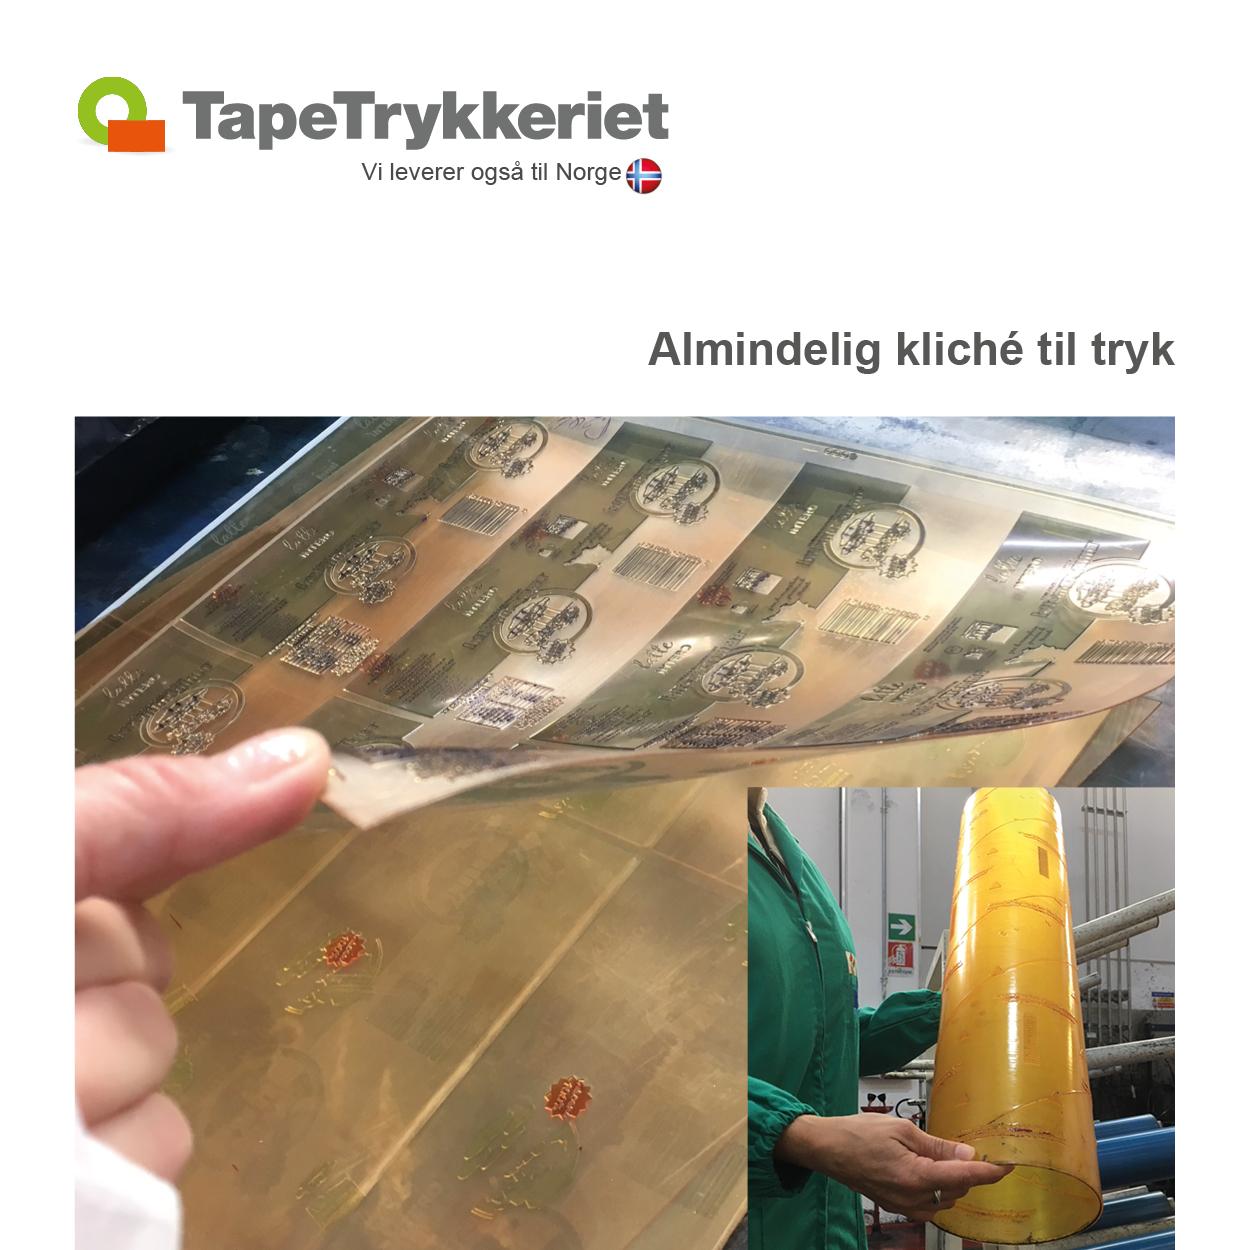 Almindelig kliché til tryk på tape og afspærringsbånd. TapeTrykkeriet.dk